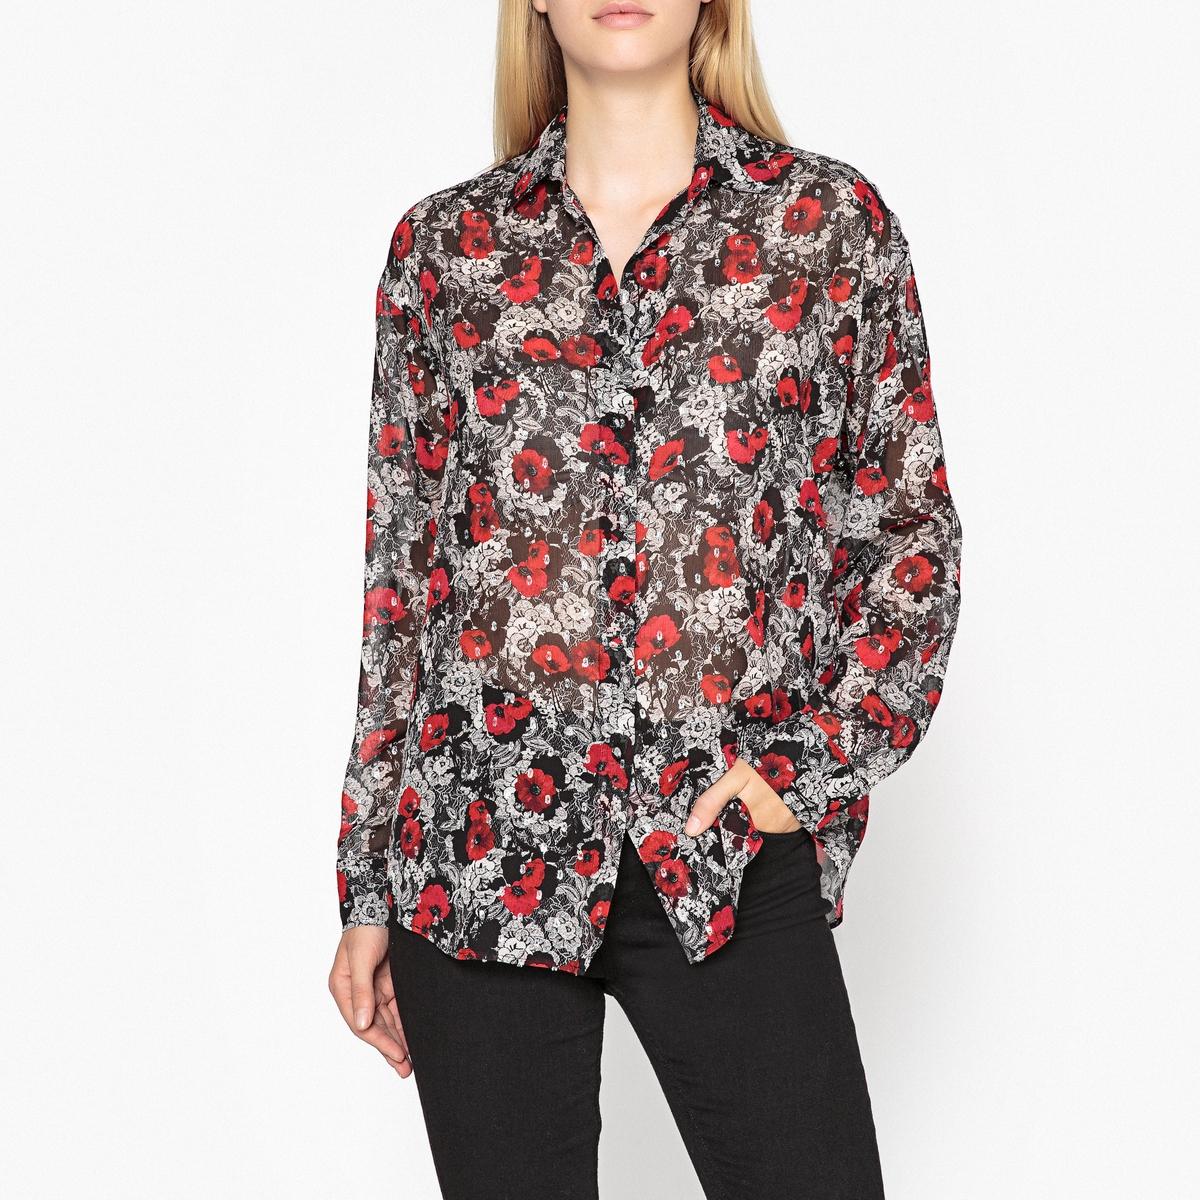 Блузка LaRedoute С цветочным принтом и длинными рукавами L серый блузка laredoute прямого покроя с бахромой l бежевый